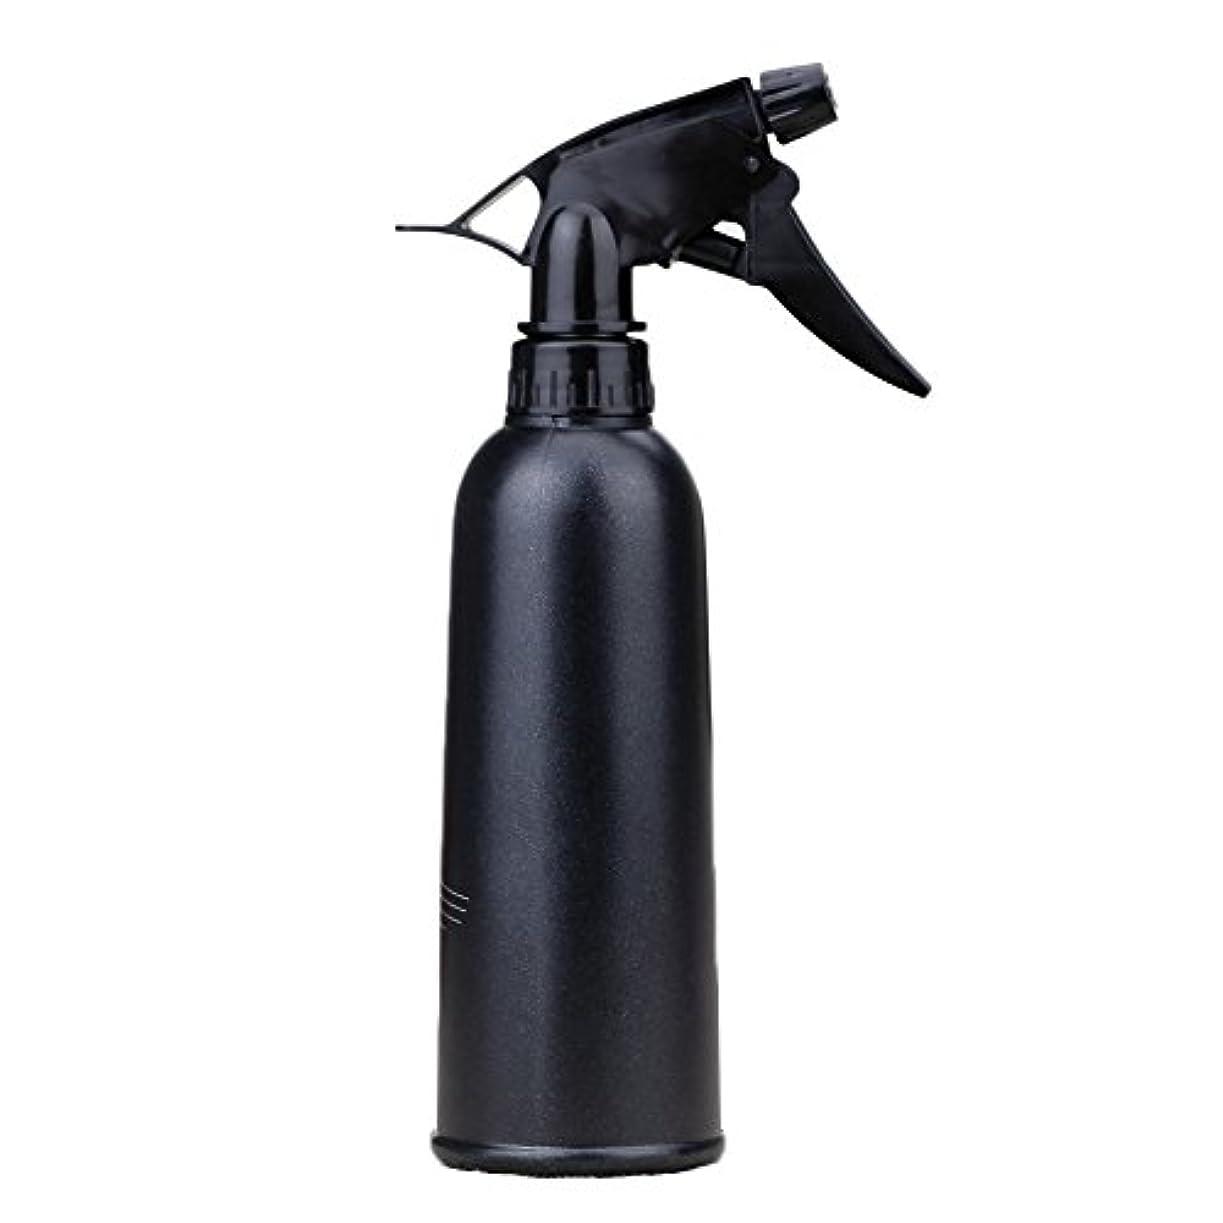 一回リンケージ恐ろしいSAIDER スプレーボトル メイク 詰め替え容器 スプレー 水さし 園芸 観葉植物 漏れ防止 ピンクと緑 水量の調整可能 霧化 植物に給水する 美髪師美髪用 部屋のクリーニング製品 200ml 2個セット